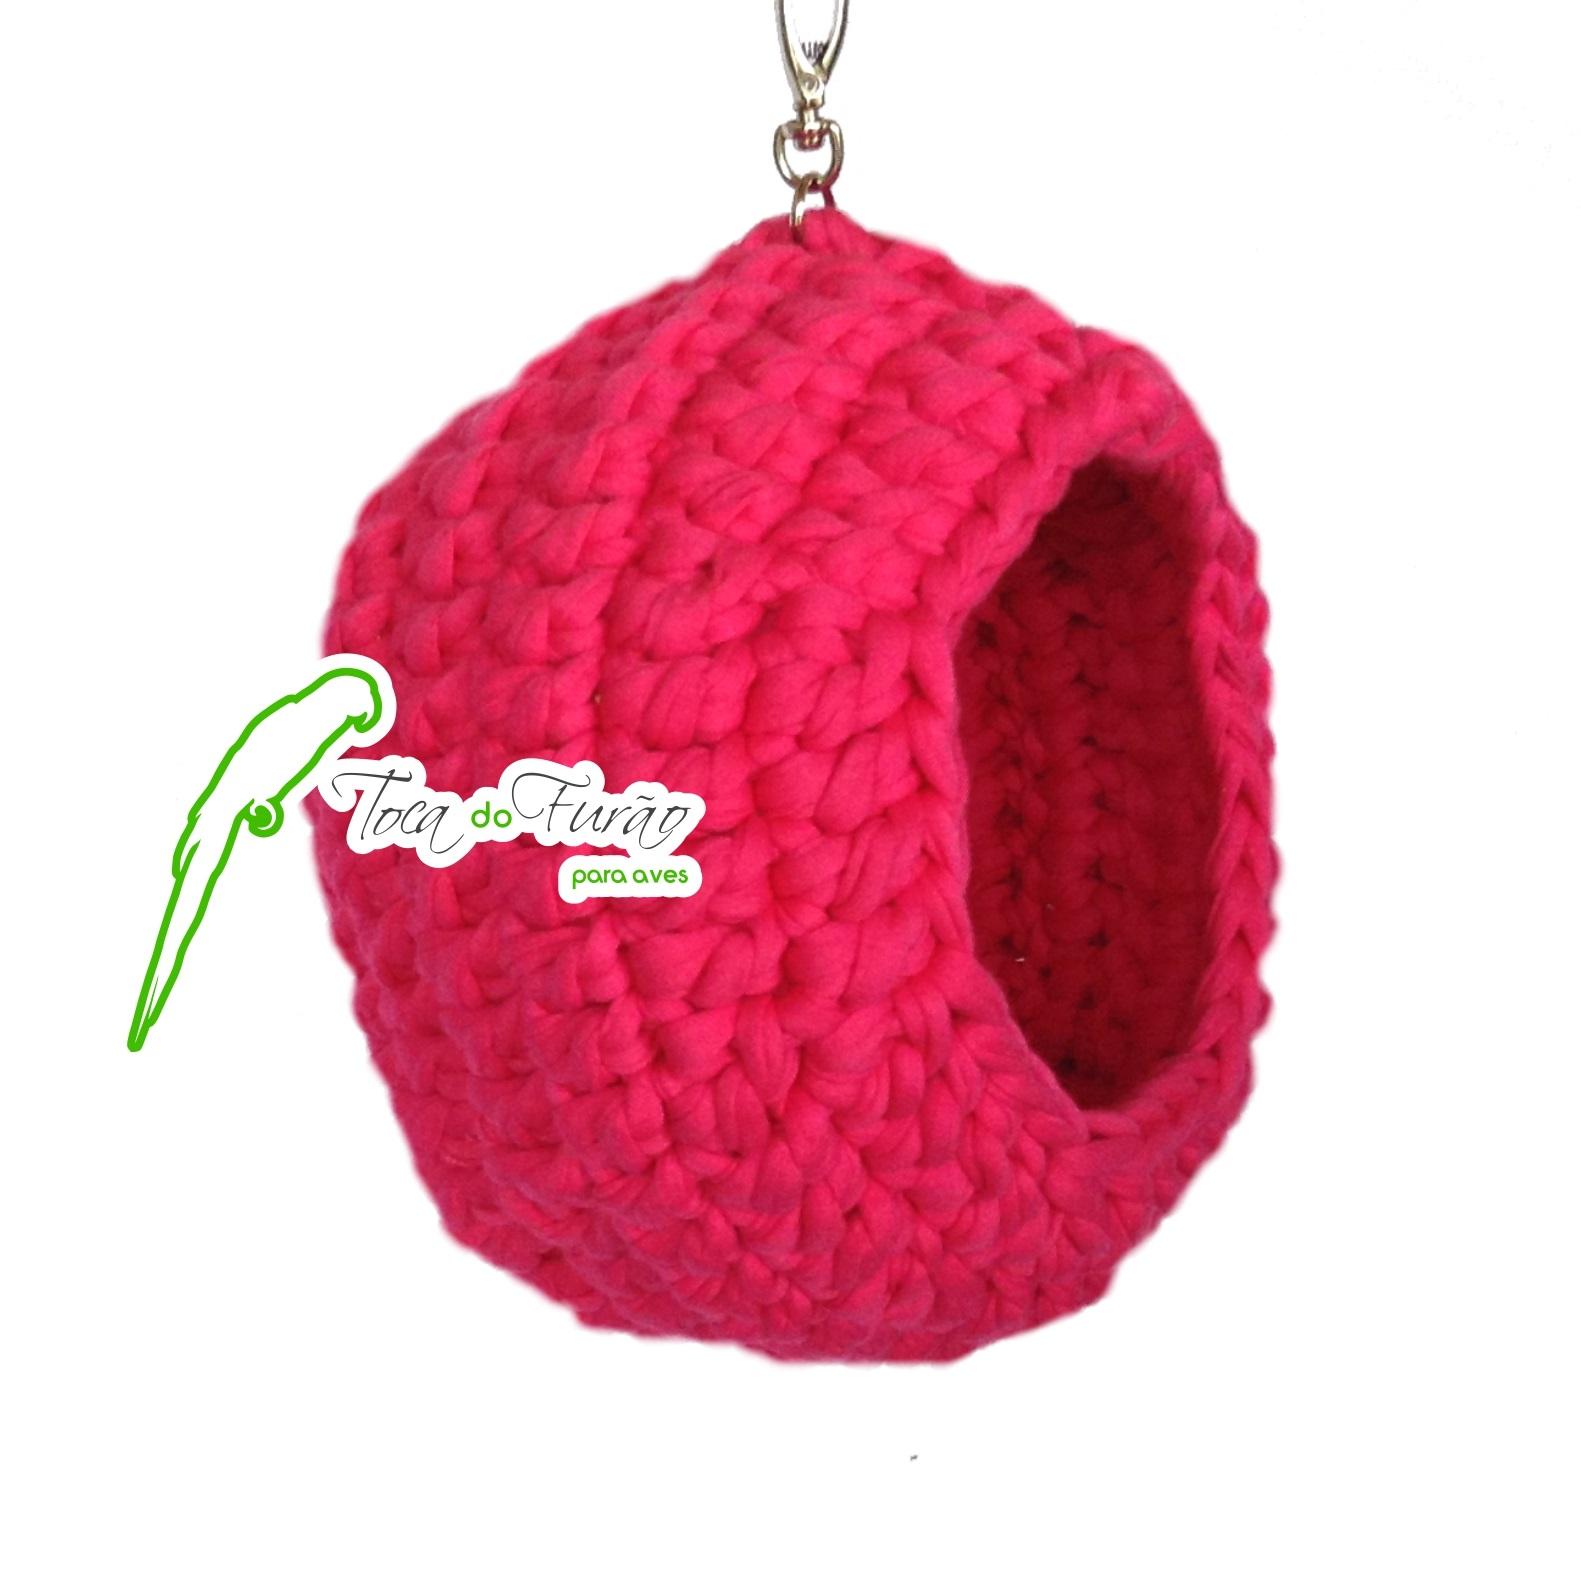 9b75c297aaa85 Bola color de crochê para aves – Toca do Furão